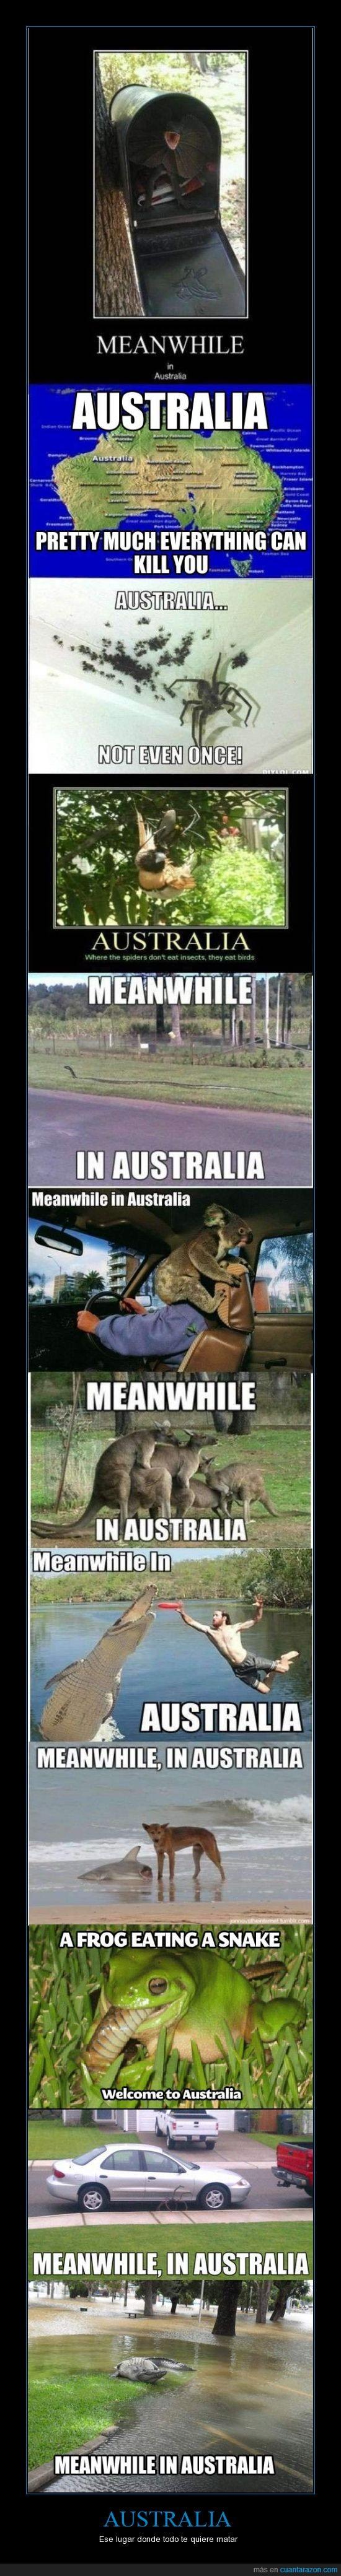 animales,araña,australia,charco,cocodrilo,comer,gigante